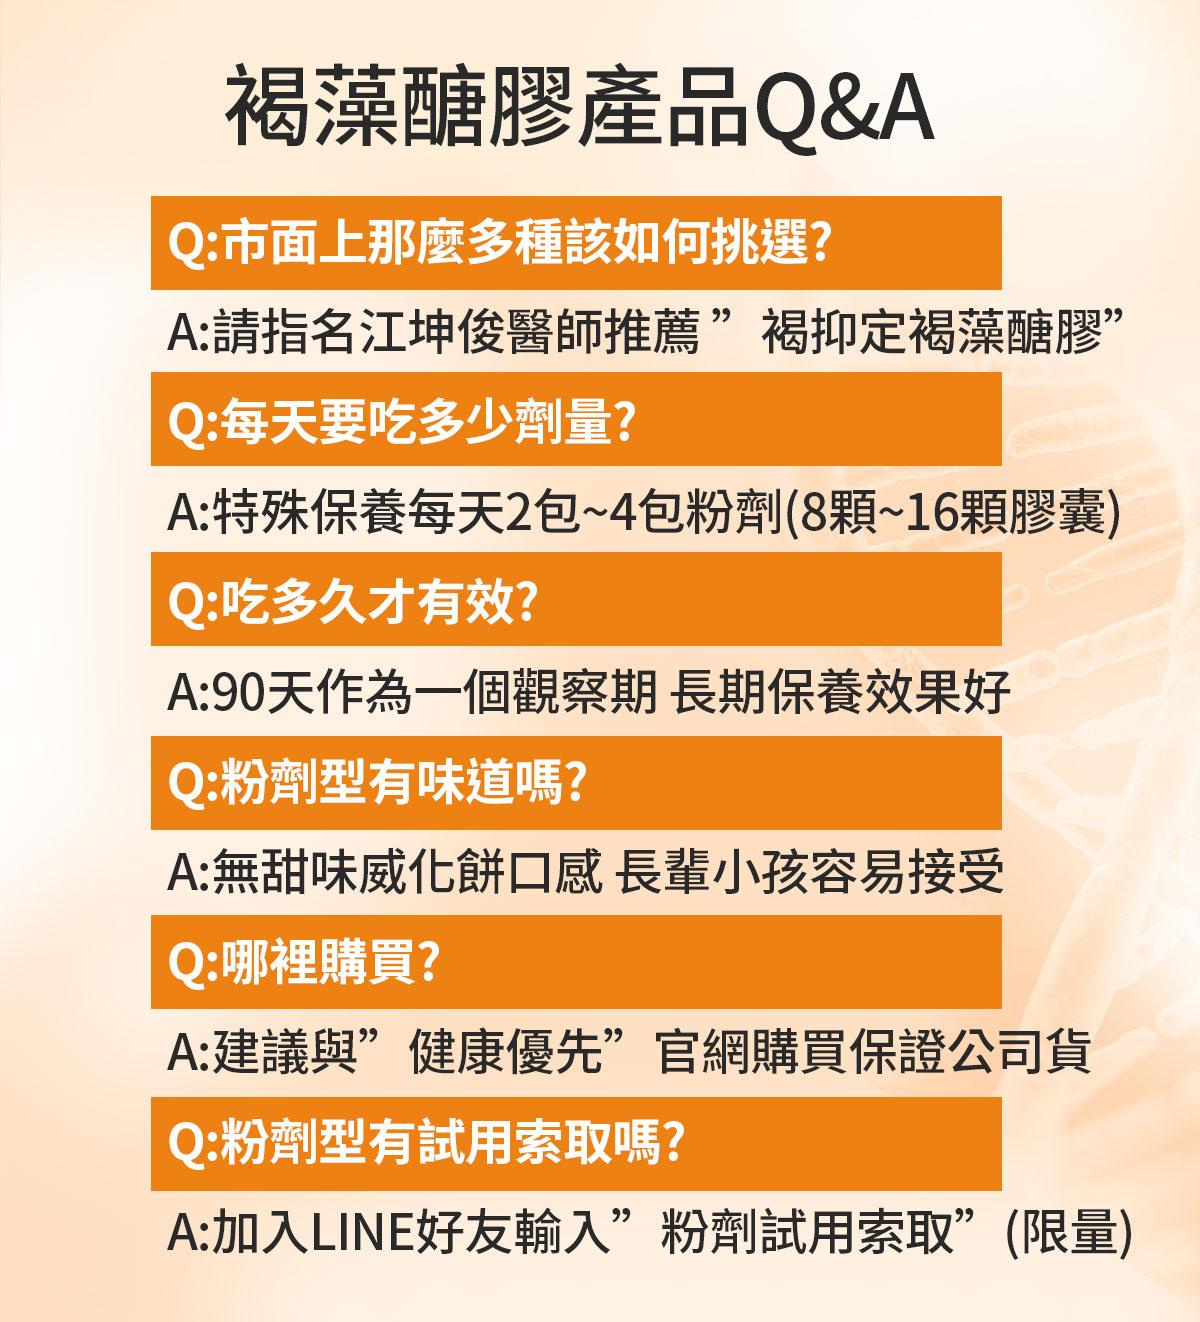 褐抑定褐藻醣膠-產品常見Q&A-健康優先訂購0800-800-924